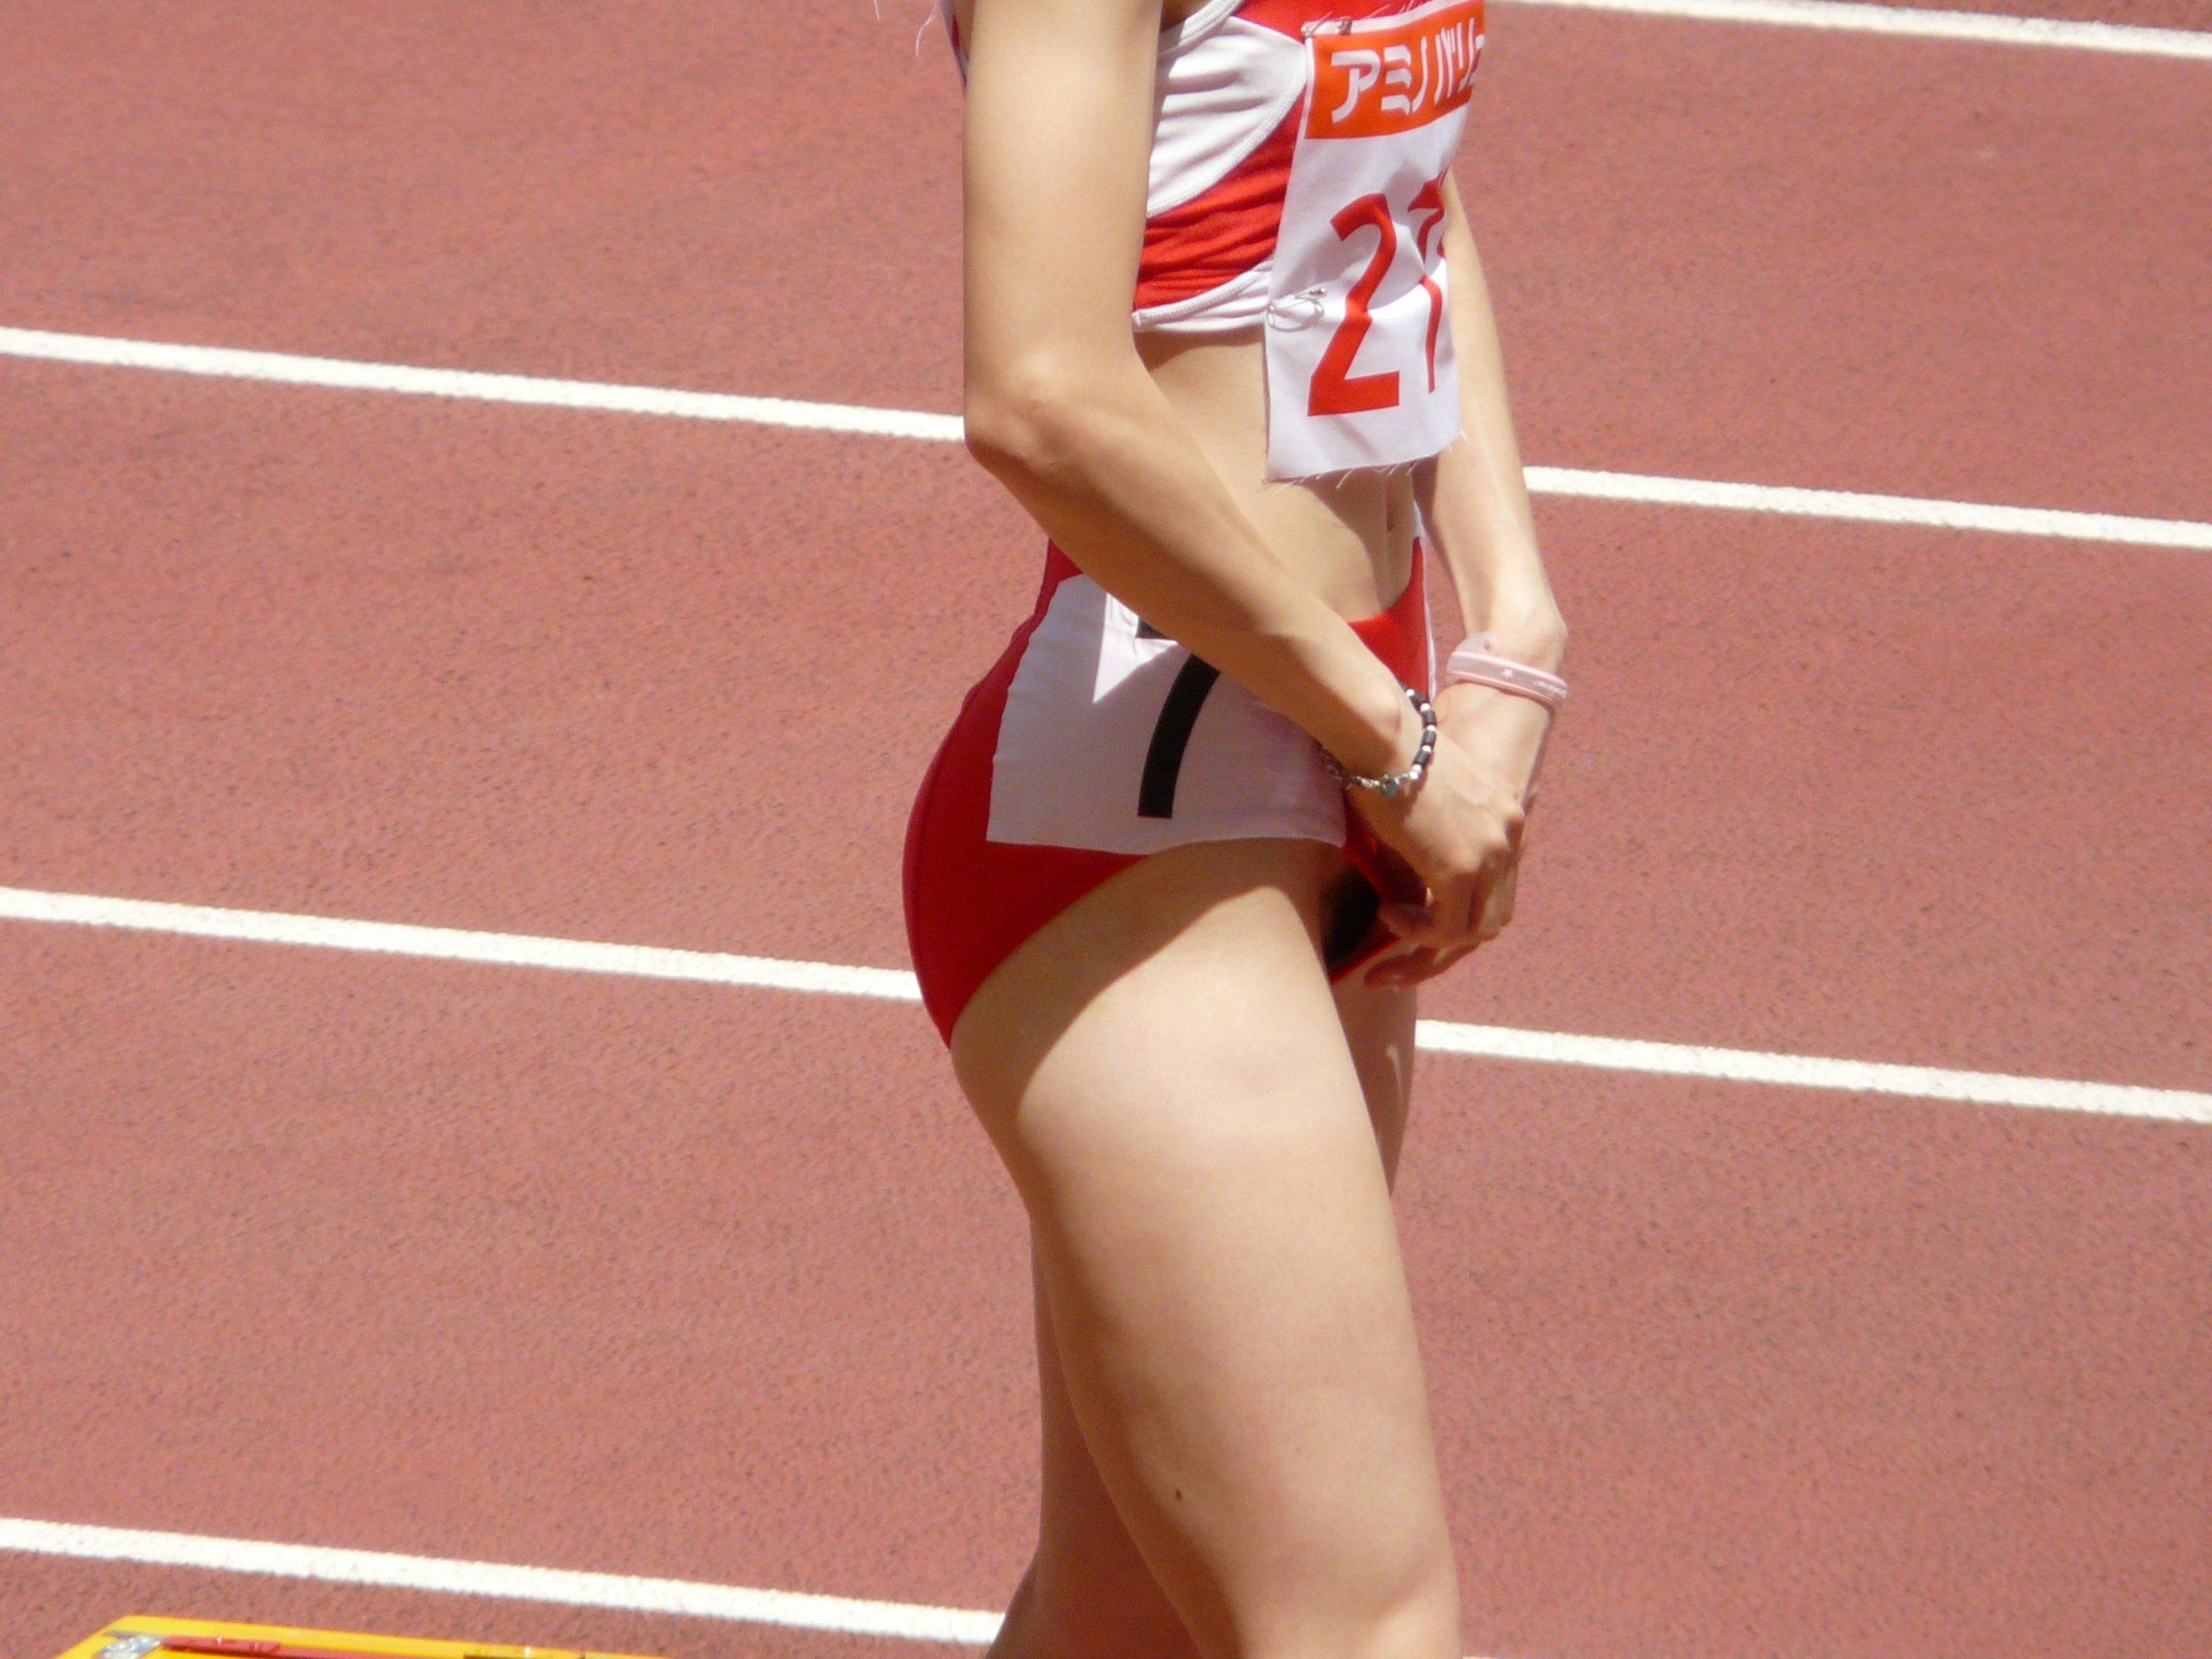 布の少ない陸上ユニフォームを着てパンツの位置を直す女子陸上選手の股間チラリ